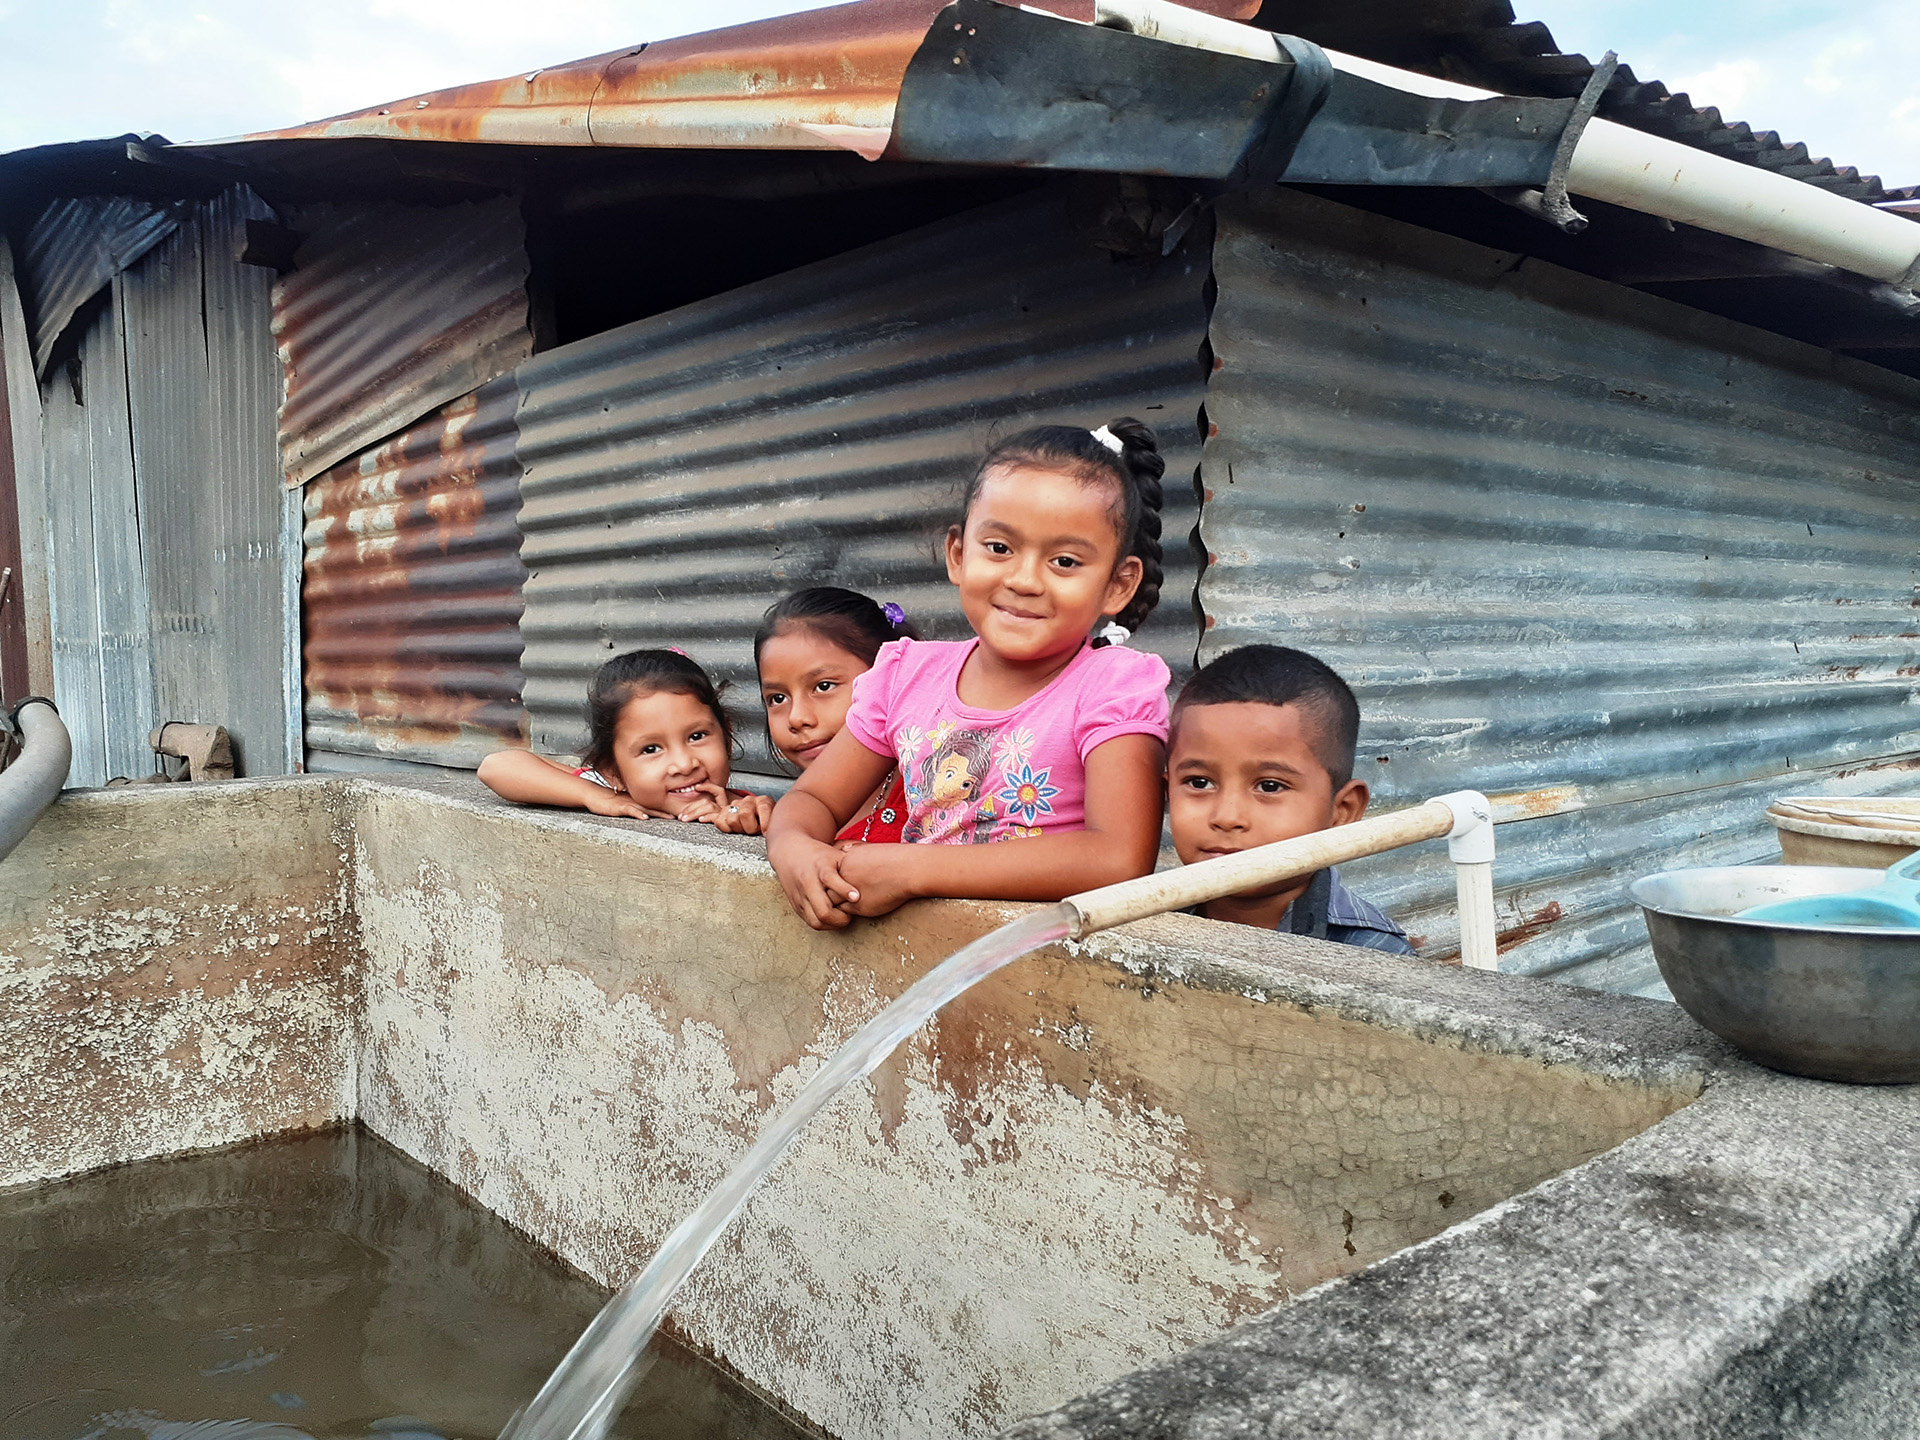 Nicaragua – ©Nuevas Esperanzas, with permission